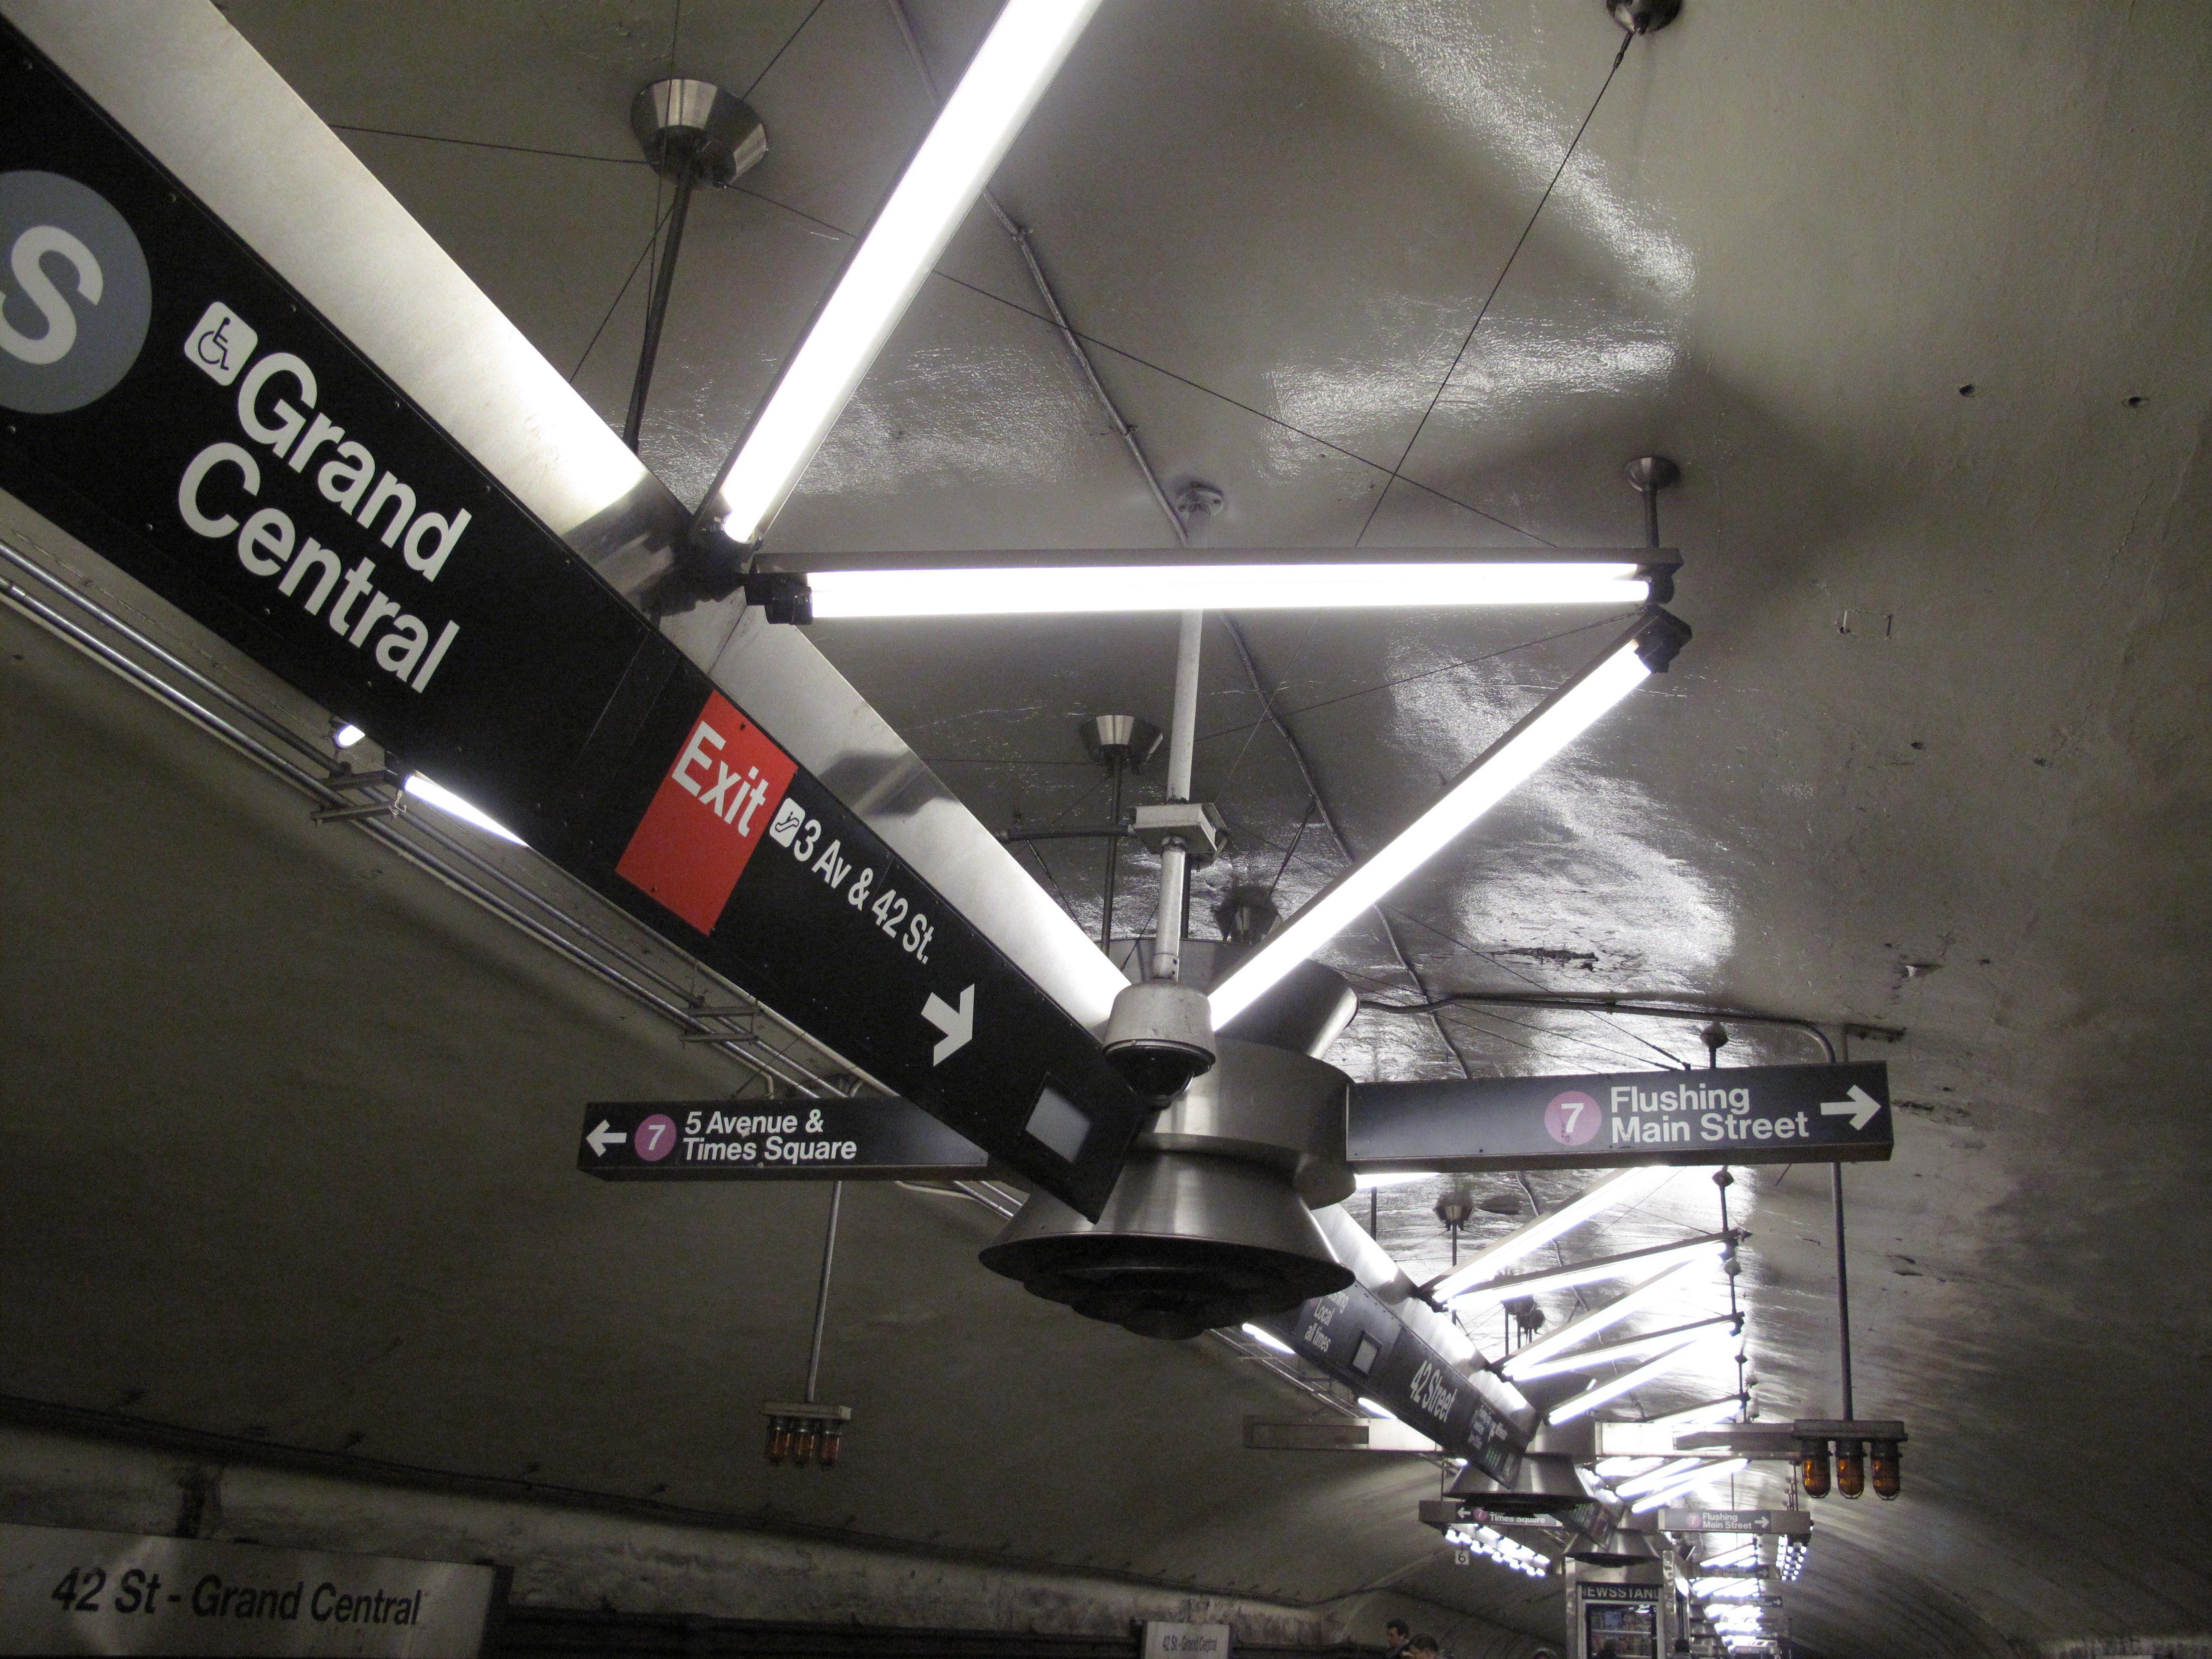 Las líneas de metro de Nueva York se dividen en: